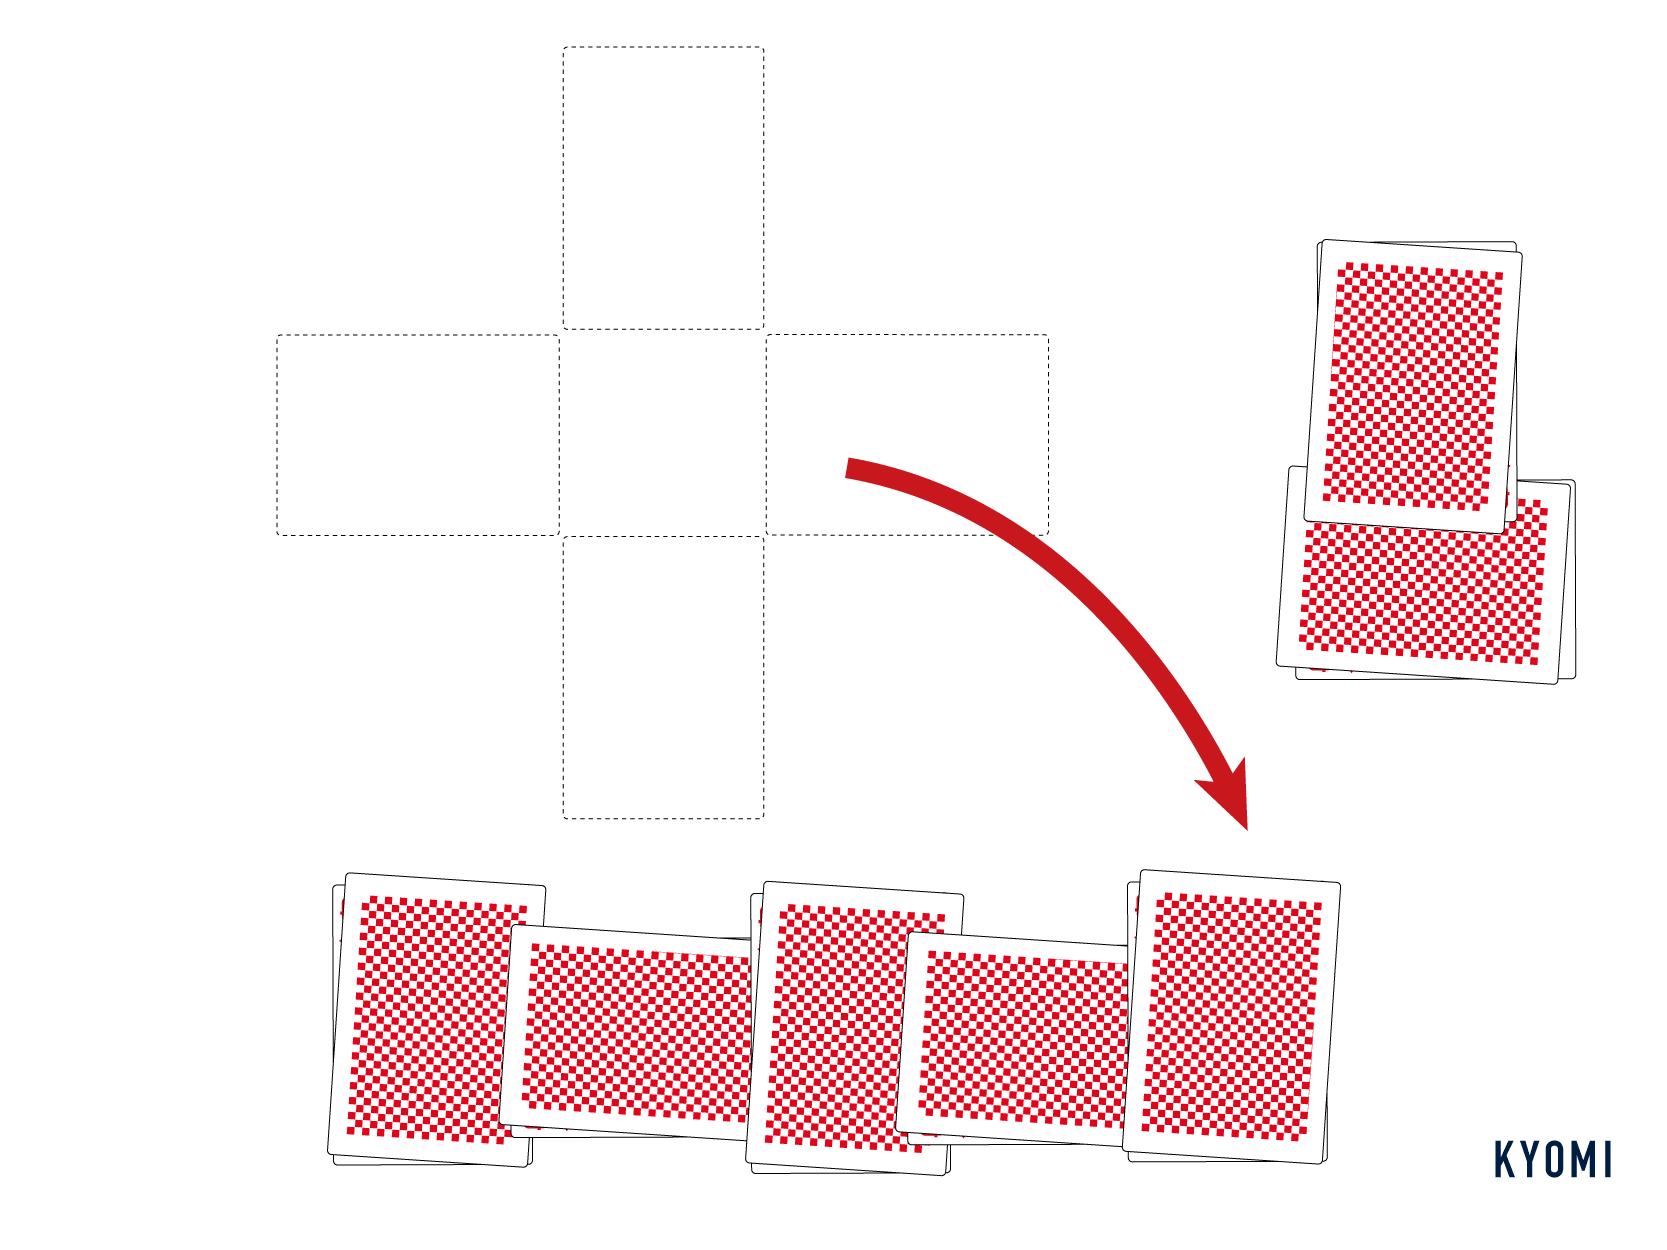 ホイスト-図-トリック獲得